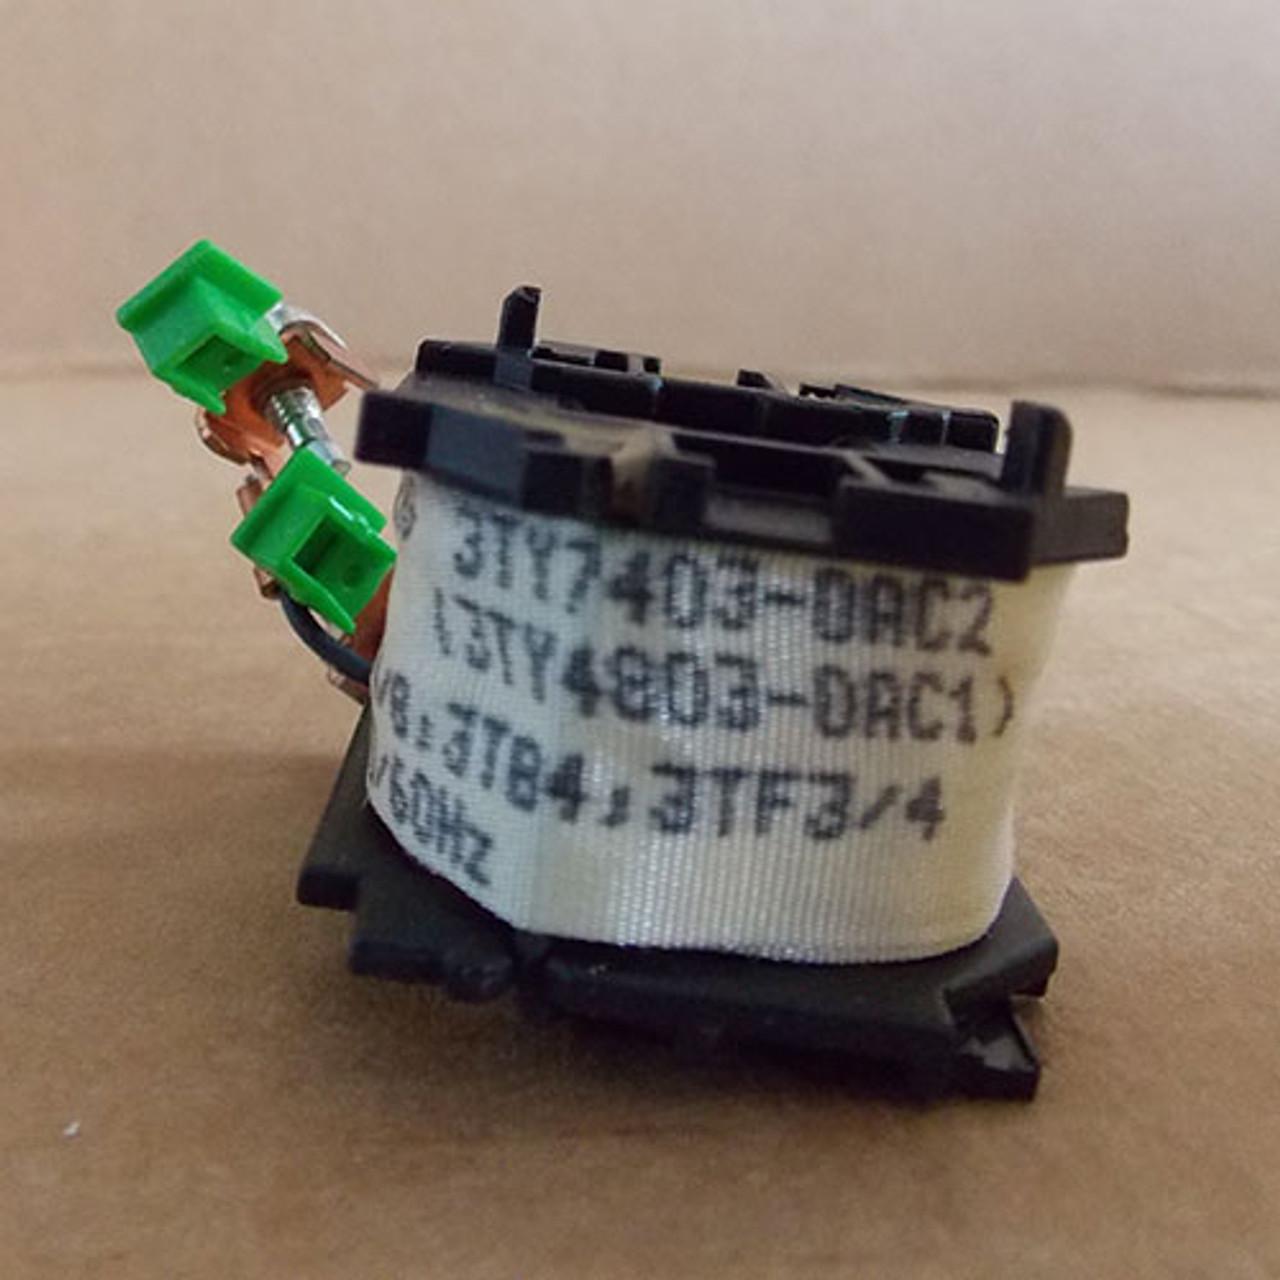 Siemens 3TY7403-OAC2 Coil Kit 24VAC 60Hz, 24V 50Hz - New